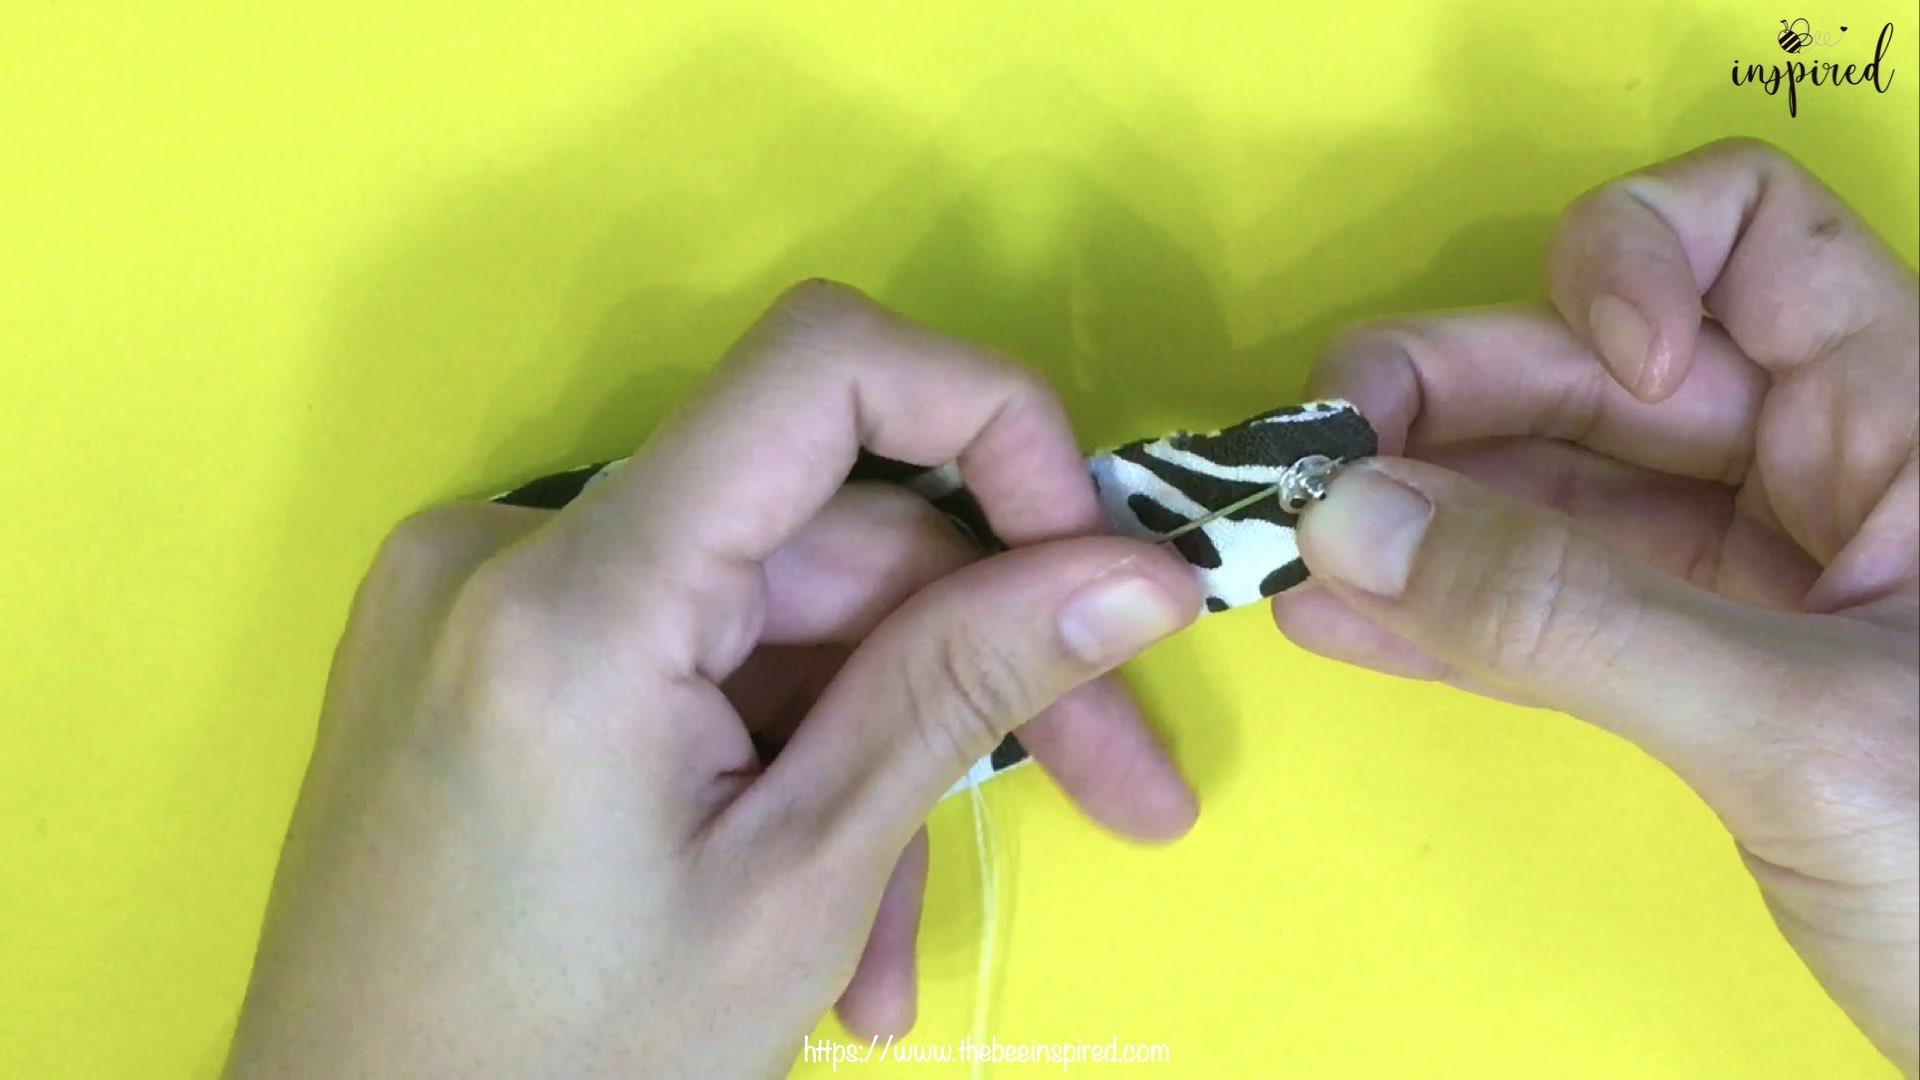 Hand Sanitizer Holder for Alcohol Gel Bottle-Website Pics.010-2